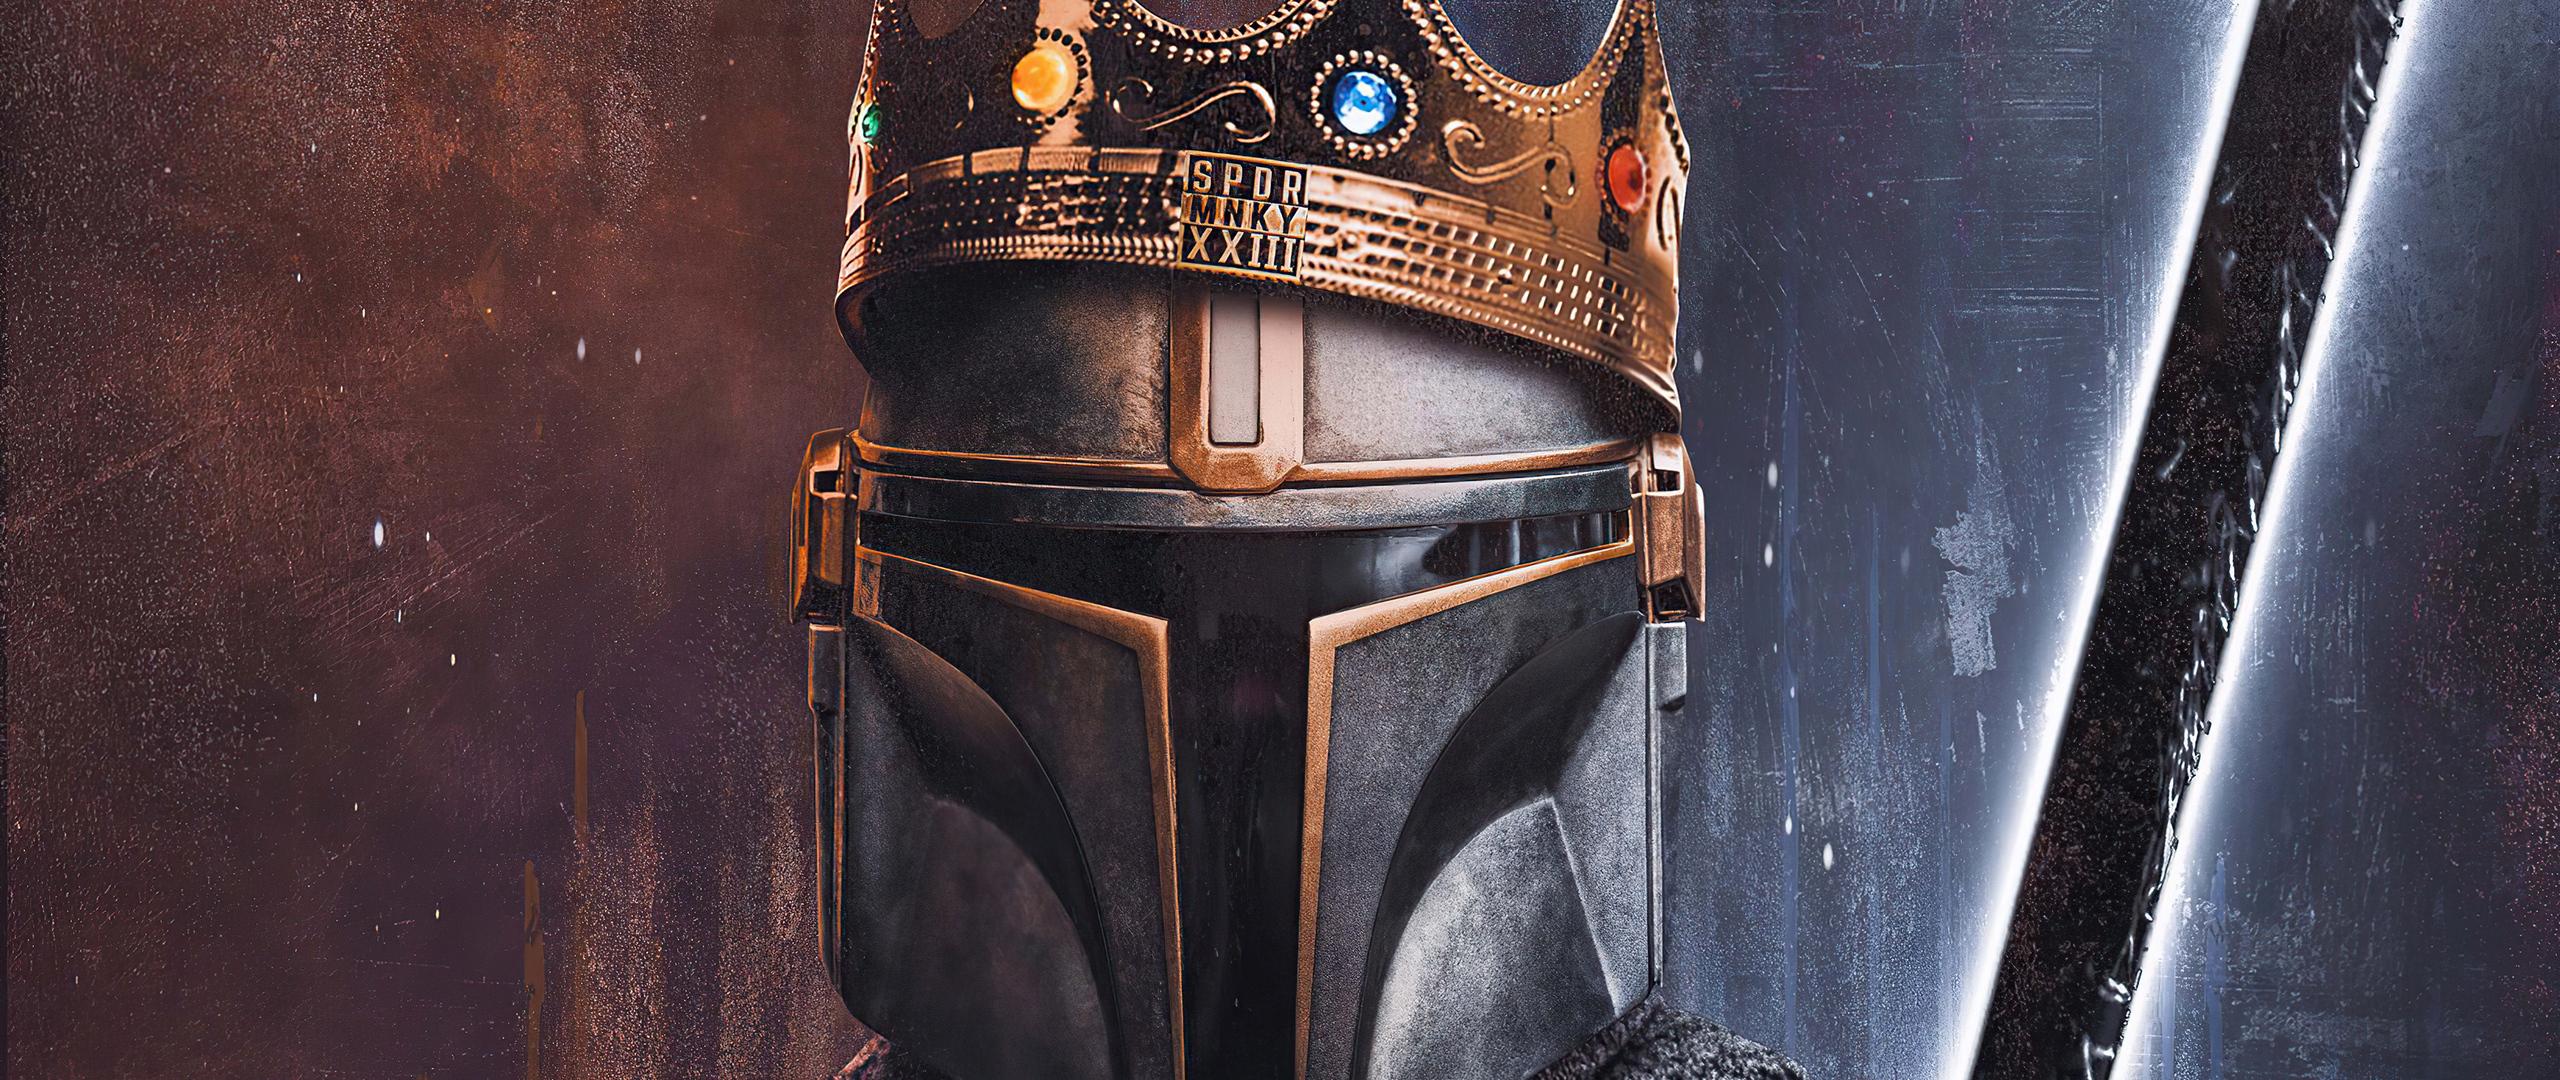 the-king-of-mandalorian-4k-wu.jpg